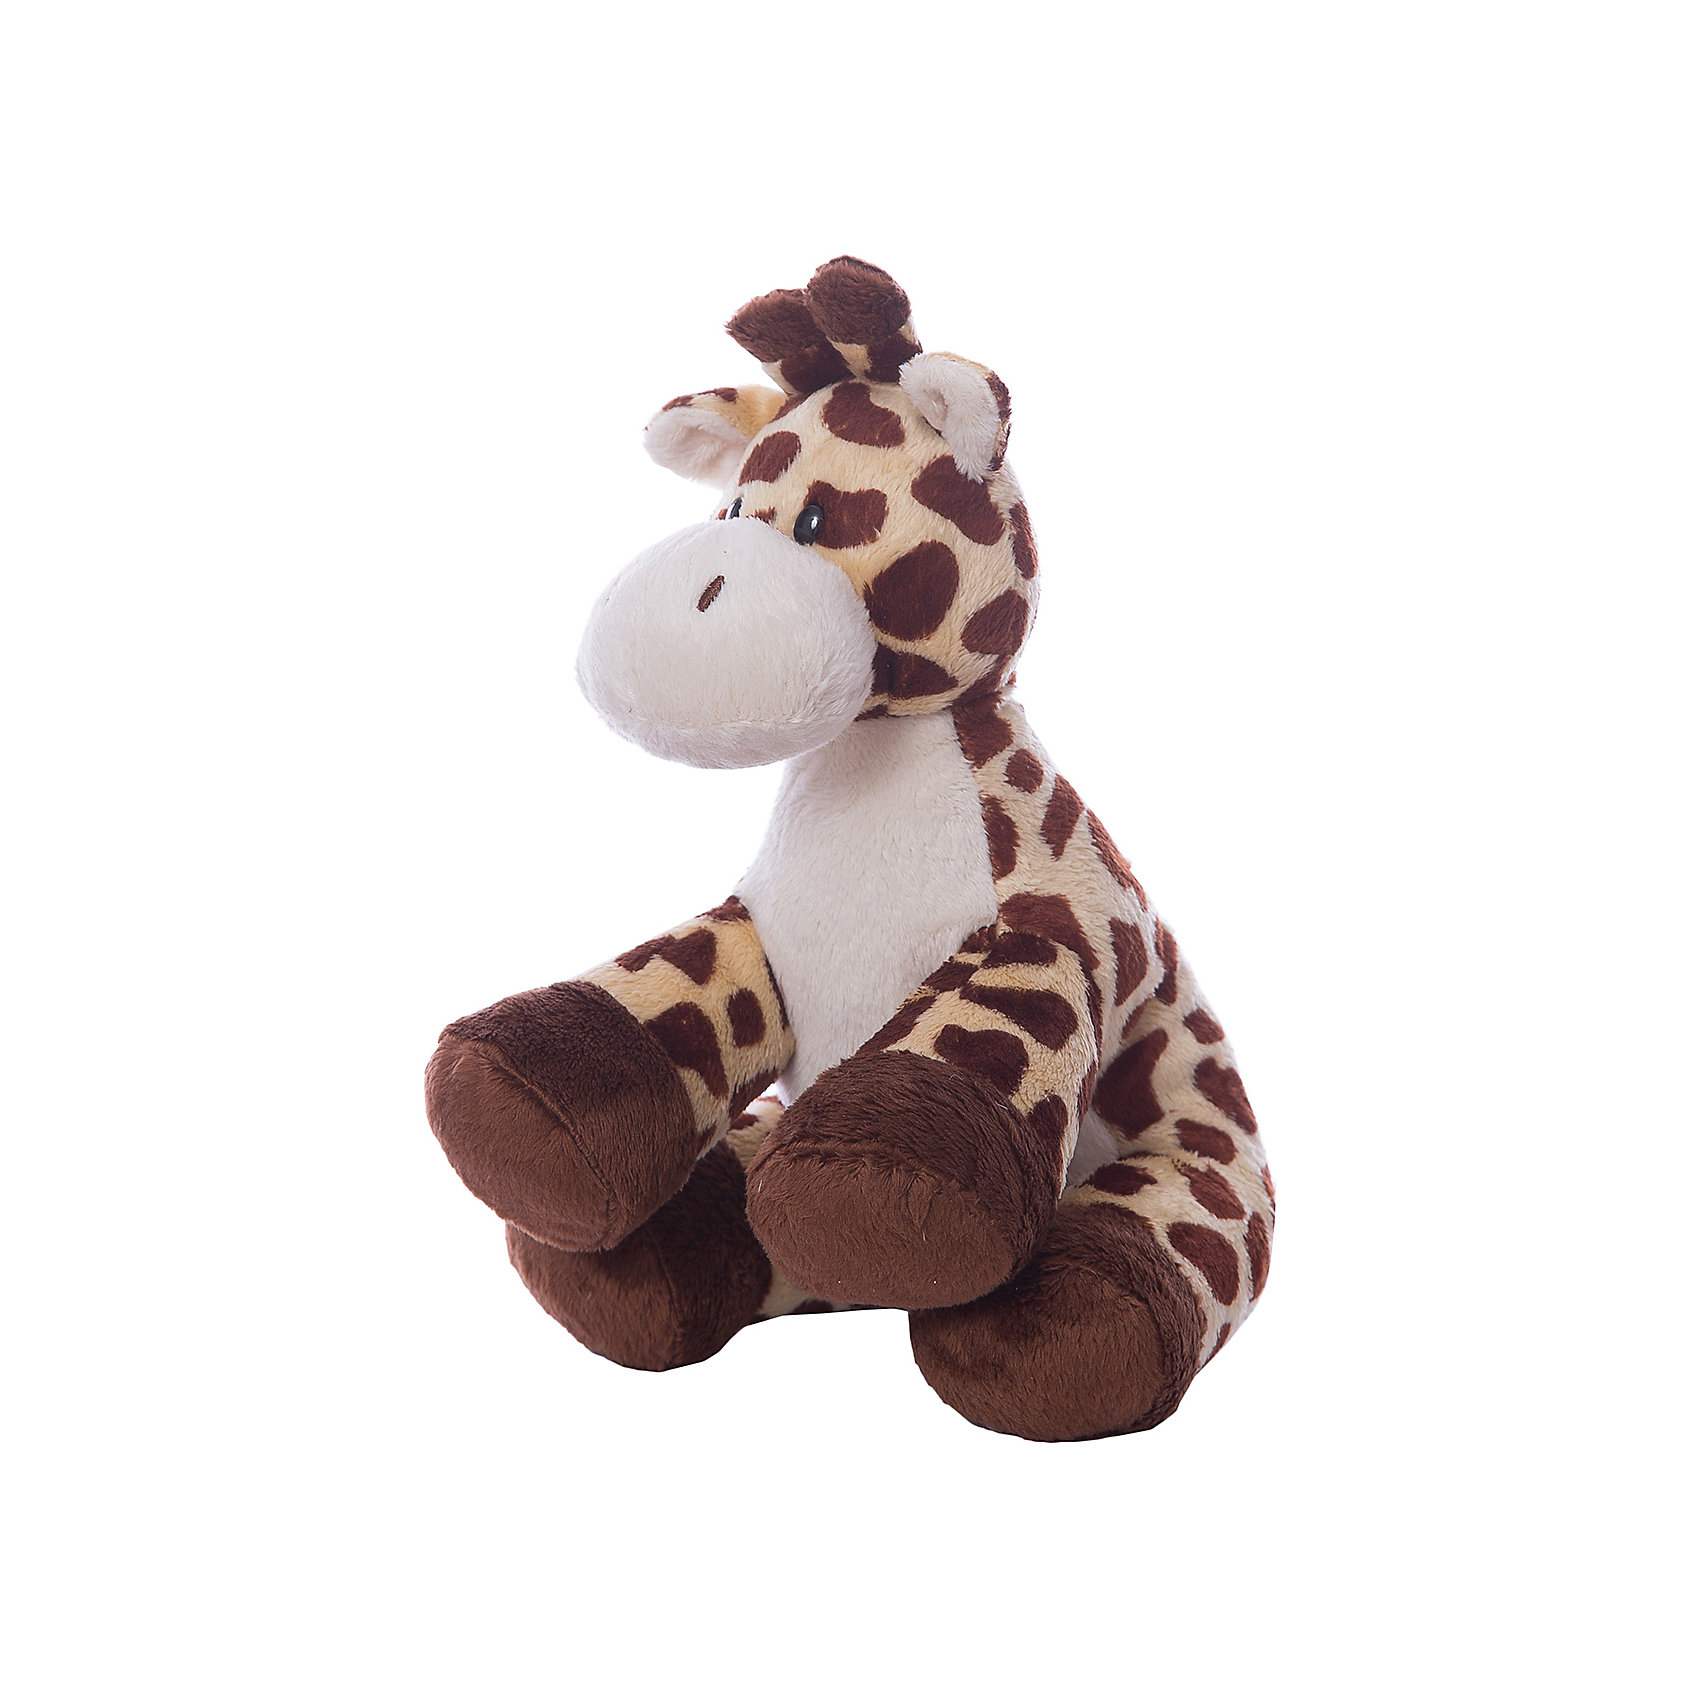 Жираф Tiptop, 25 смЖираф Tiptop, 25 см – игрушка от бренда TY Inc (ТАЙ Инкорпорейтед), знаменитого своими мягкими игрушками, в качестве наполнителя для которых используются гранулы. Жираф выполнен из качественного и гипоаллергенного пятнистого текстиля с коротким ворсом на туловище и голове, на грудке – из белого цвета, а на копытцах – темно-коричневого. Используемые материалы делают игрушку прочной, устойчивой к изменению цвета и формы, ее разрешается стирать.<br>Жираф Tiptop, 25 см TY Inc непременно станет любимой игрушкой для вашего ребенка, а уникальный наполнитель будет способствовать  не  только развитию мелкой моторики пальцев, но и оказывать релаксирующее воздействие.<br><br>Дополнительная информация:<br><br>- Вид игр: сюжетно-ролевые игры, интерьерные игрушки, для коллекционирования<br>- Предназначение: для дома<br>- Материал: искусственный мех, пластик, наполнитель ? гранулы<br>- Высота: 25 см<br>- Особенности ухода: разрешается стирка<br>Подробнее:<br><br>• Для детей в возрасте: от 3 лет <br>• Страна производитель: Китай<br>• Торговый бренд: TY Inc <br><br>Жирафа Tiptop, 25 см можно купить в нашем интернет-магазине.<br><br>Ширина мм: 100<br>Глубина мм: 80<br>Высота мм: 250<br>Вес г: 170<br>Возраст от месяцев: 36<br>Возраст до месяцев: 2147483647<br>Пол: Унисекс<br>Возраст: Детский<br>SKU: 4936257